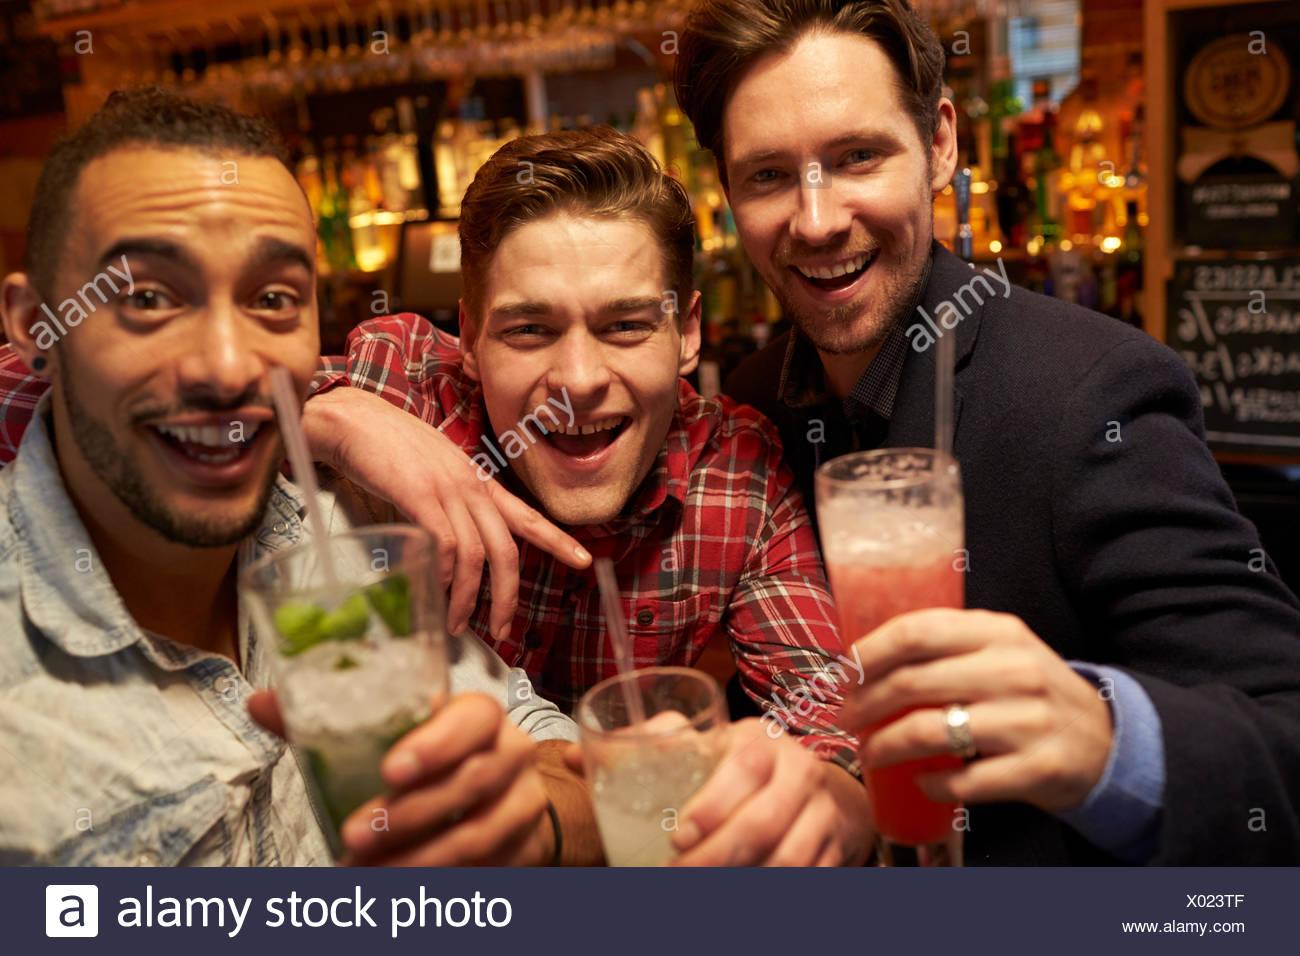 Réunion d'amis masculins pour prendre un verre en soirée au bar à cocktails Photo Stock